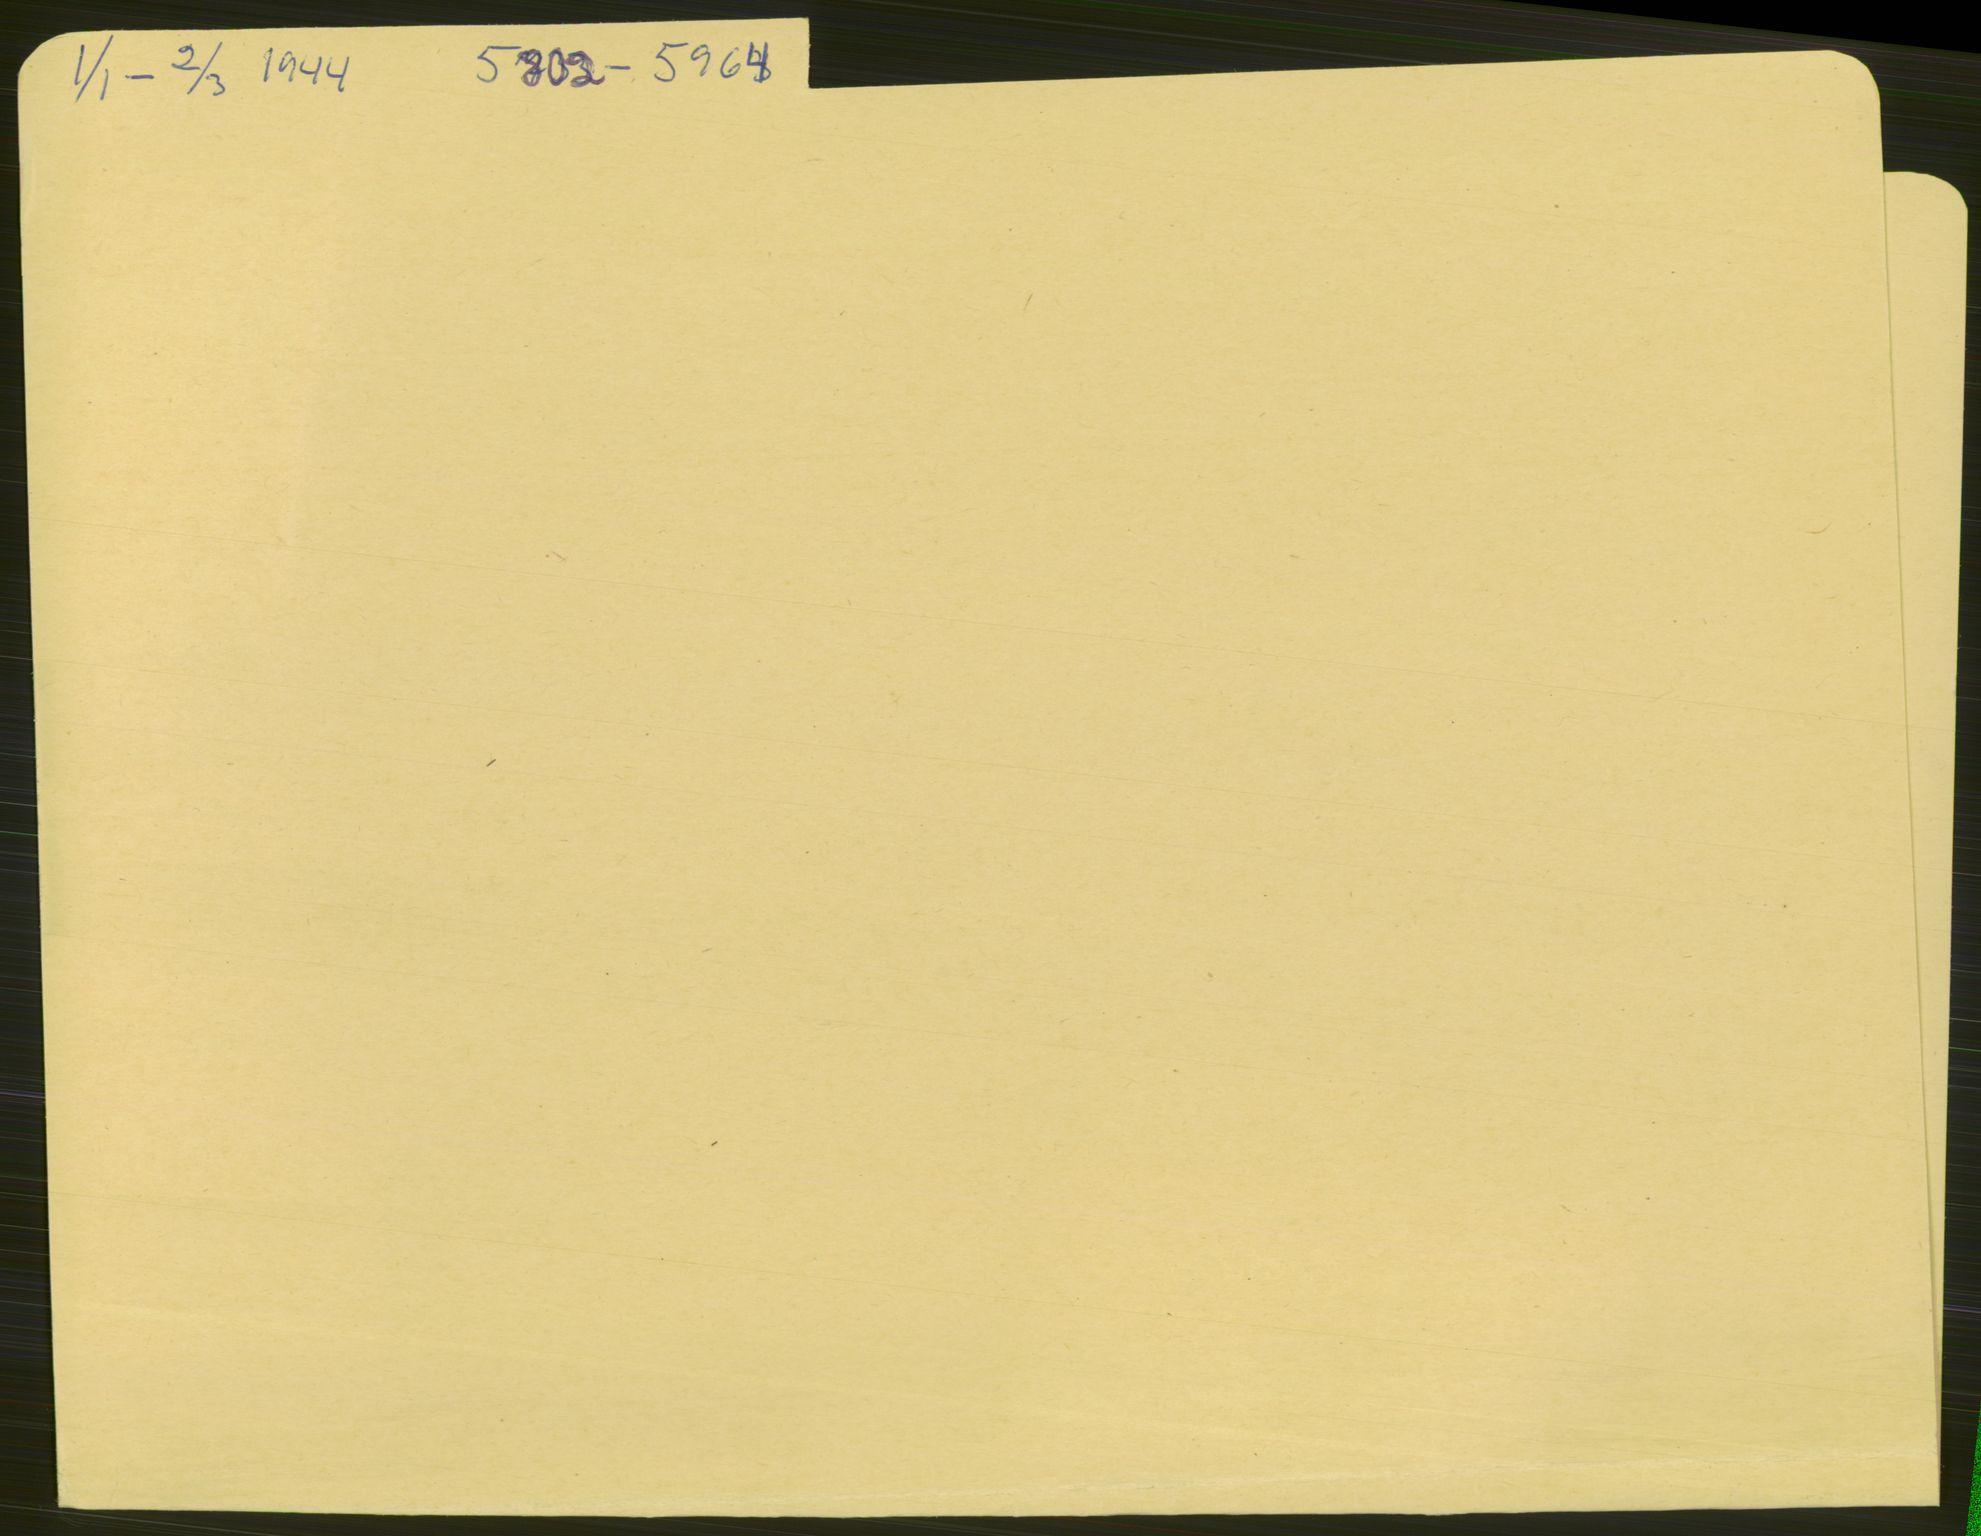 RA, Befehlshaber der Sicherheitspolizei und des SD, E/Ea/Eae/L0003: Einlieferungsschein 5802-6560, 1944